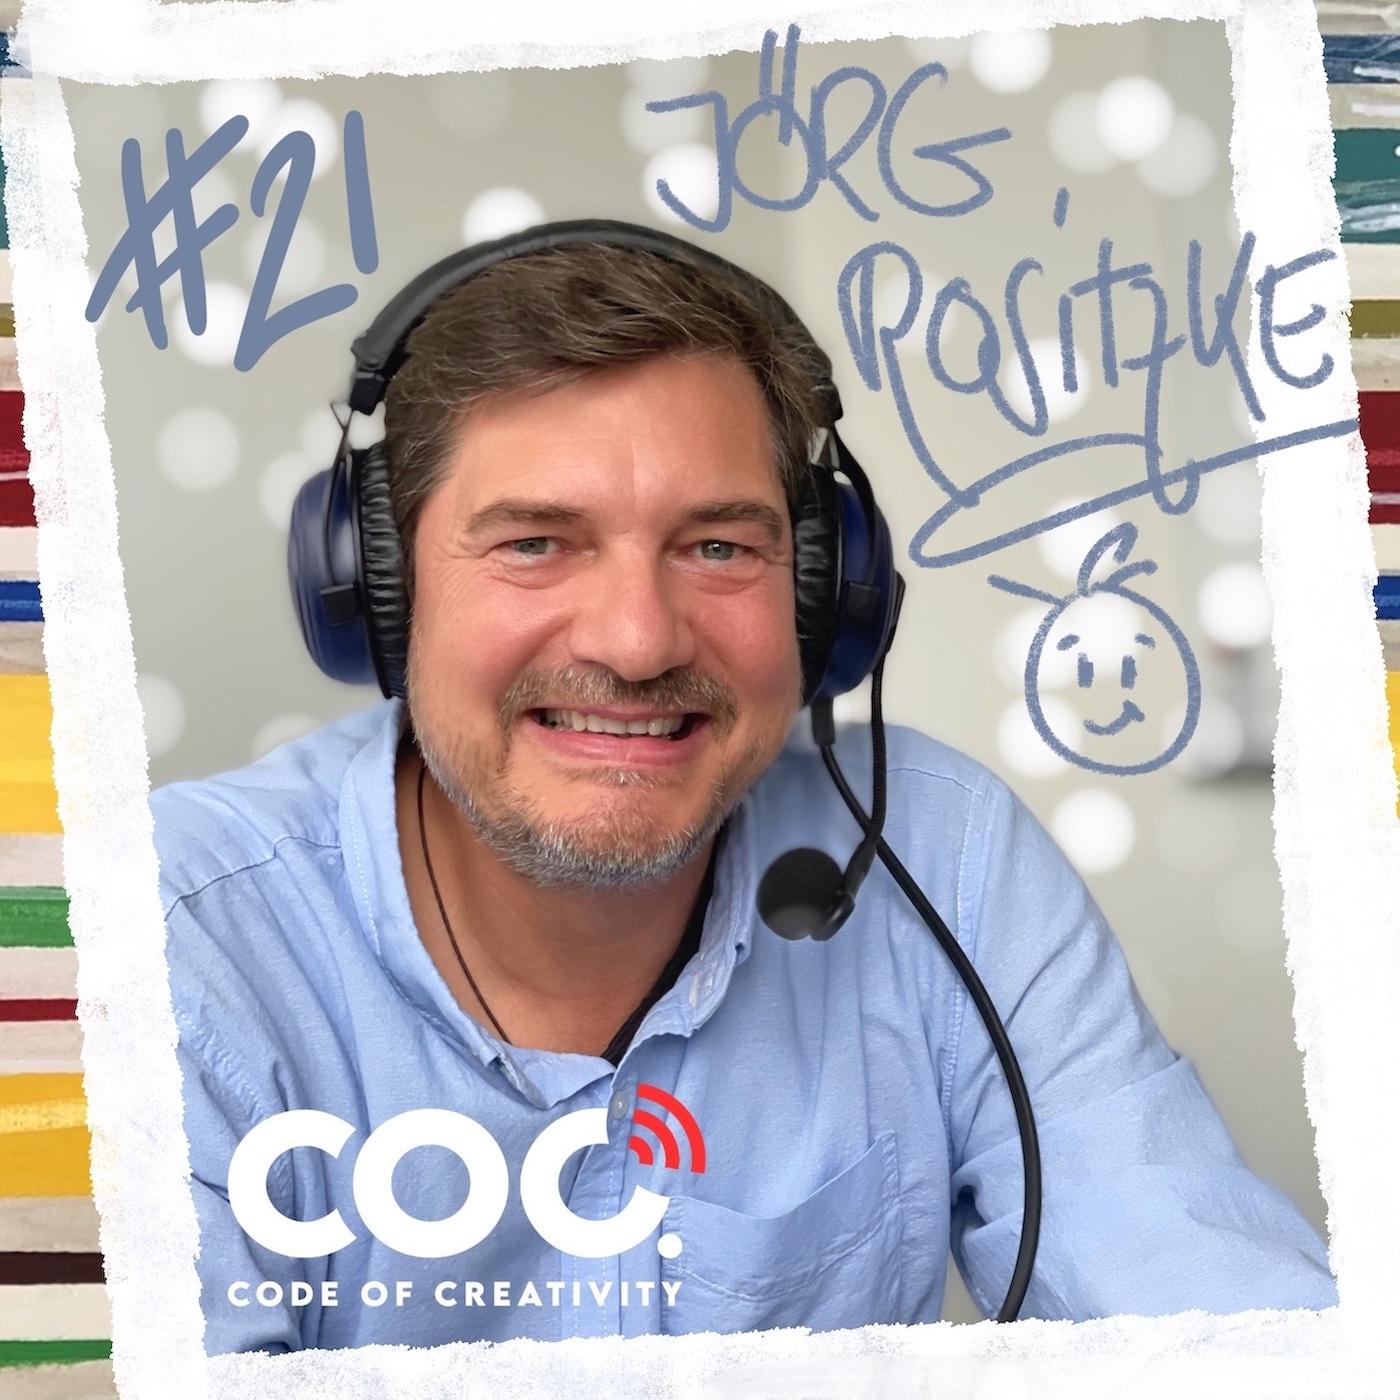 #21 Jörg Rositzke - Journalist - Geschäftsführer beim Fernsehsender Hamburg 1 - Autor